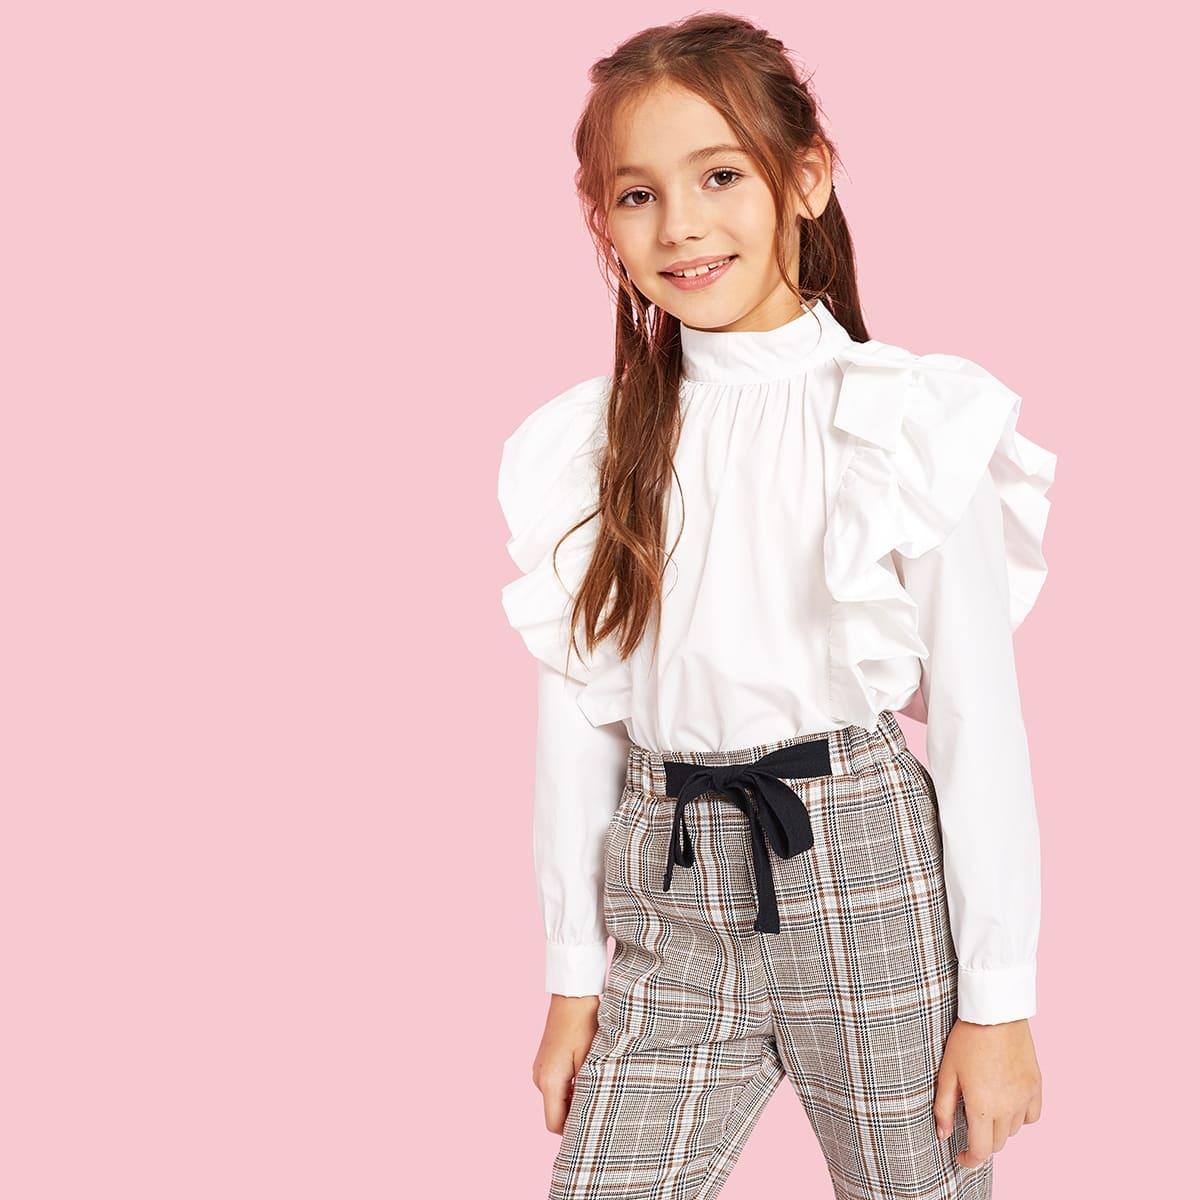 SHEIN / Mädchen Bluse mit Stehkragen, Raffung und Plissee vorn